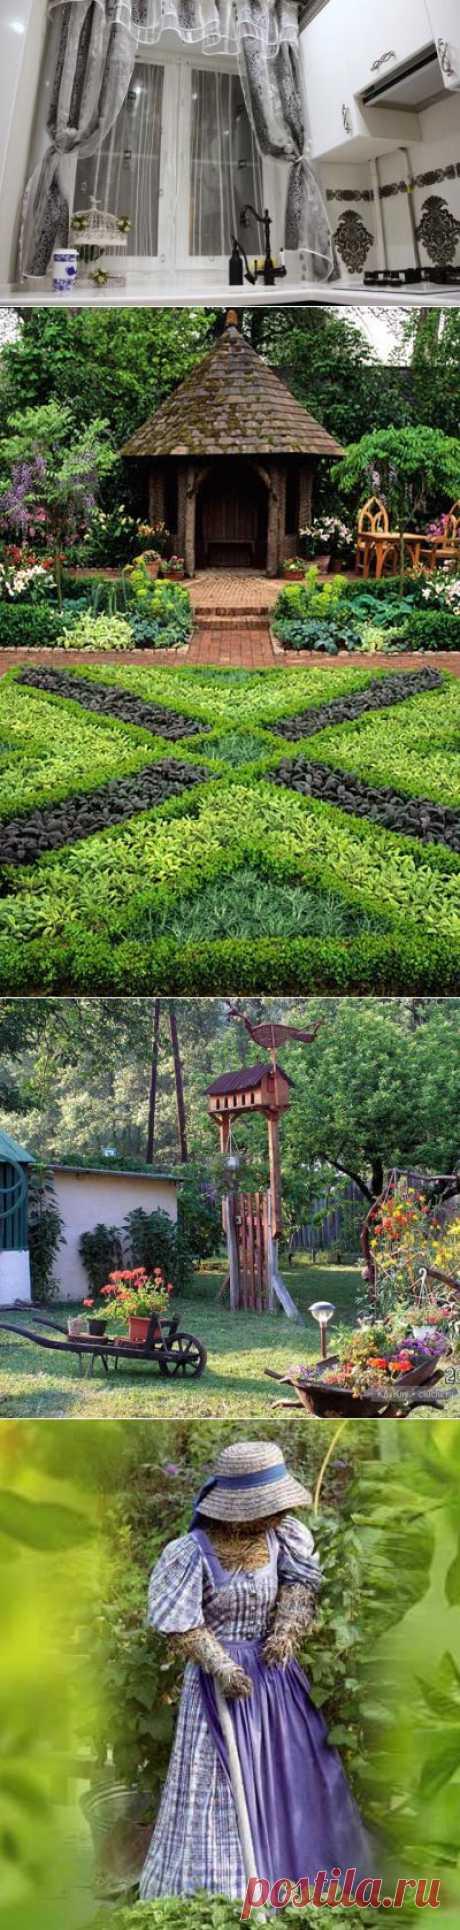 Садовые фигурки — добрые духи нашего сада   ВСЁ ДЛЯ ДОМА